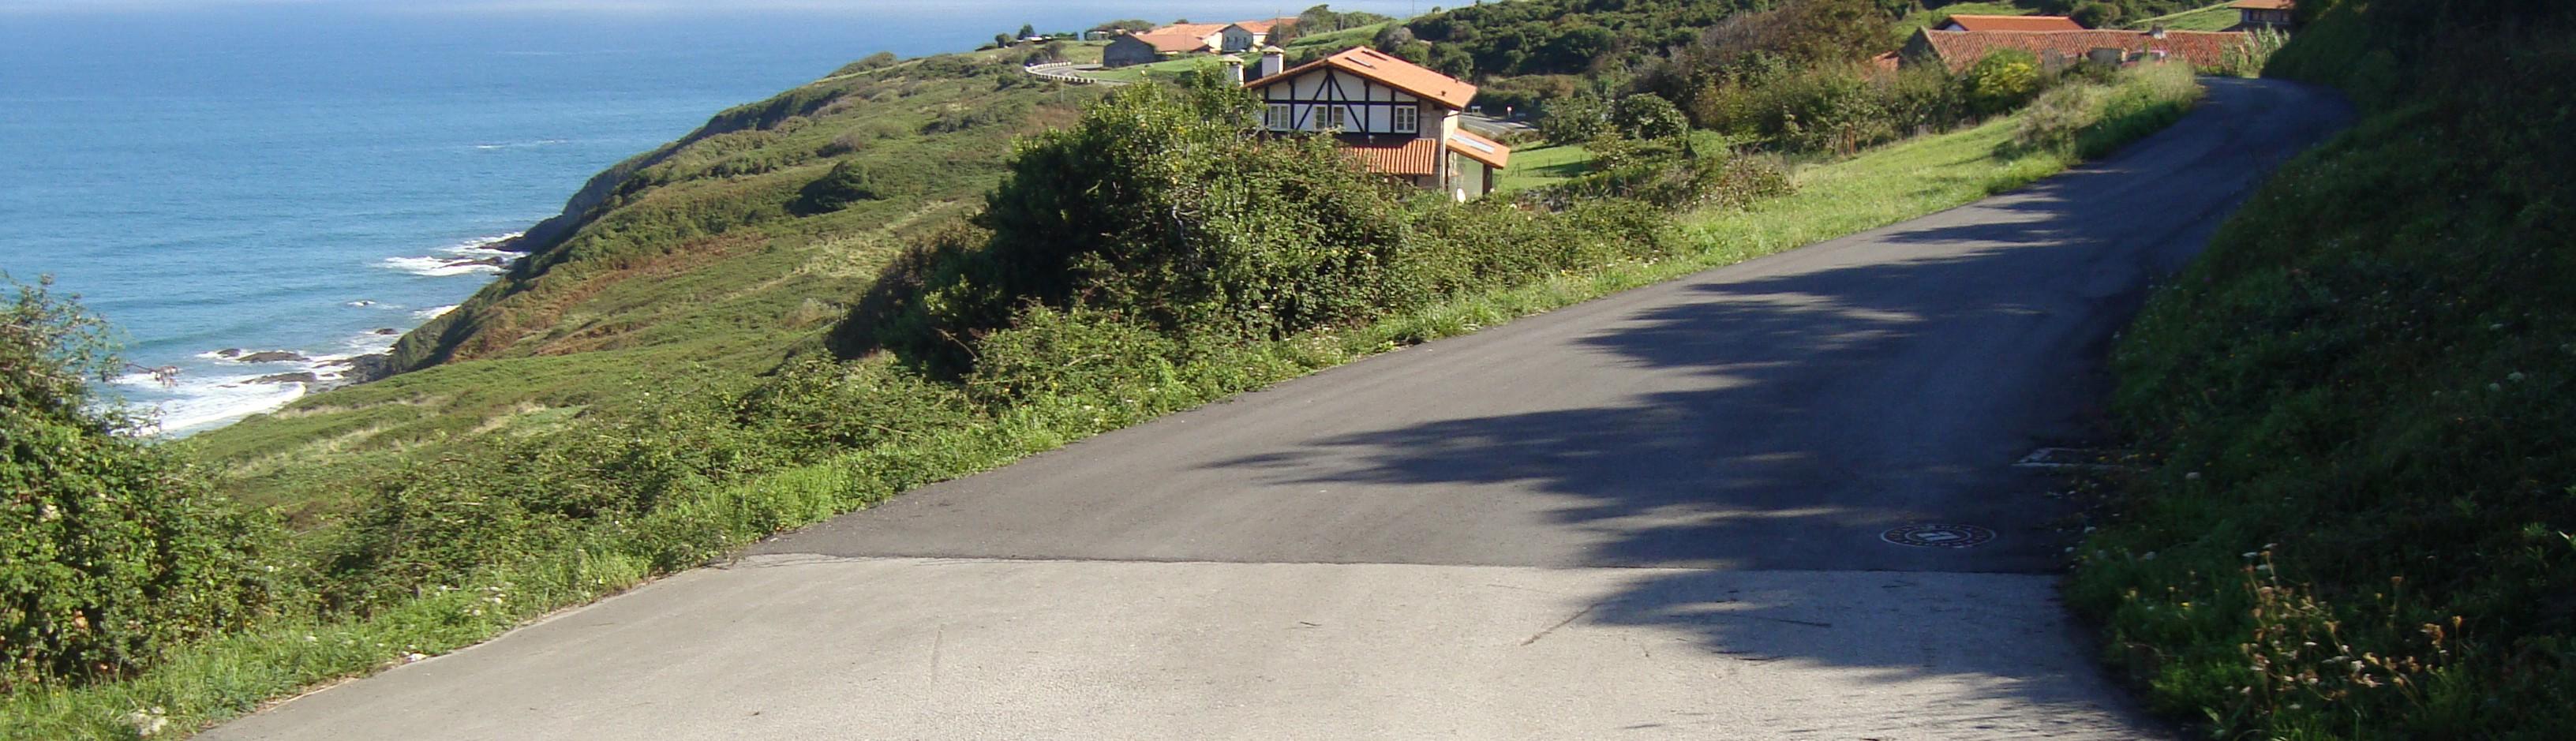 acondicionamiento_y_ensanche_de_caminos_-en_ibarrangelu_0